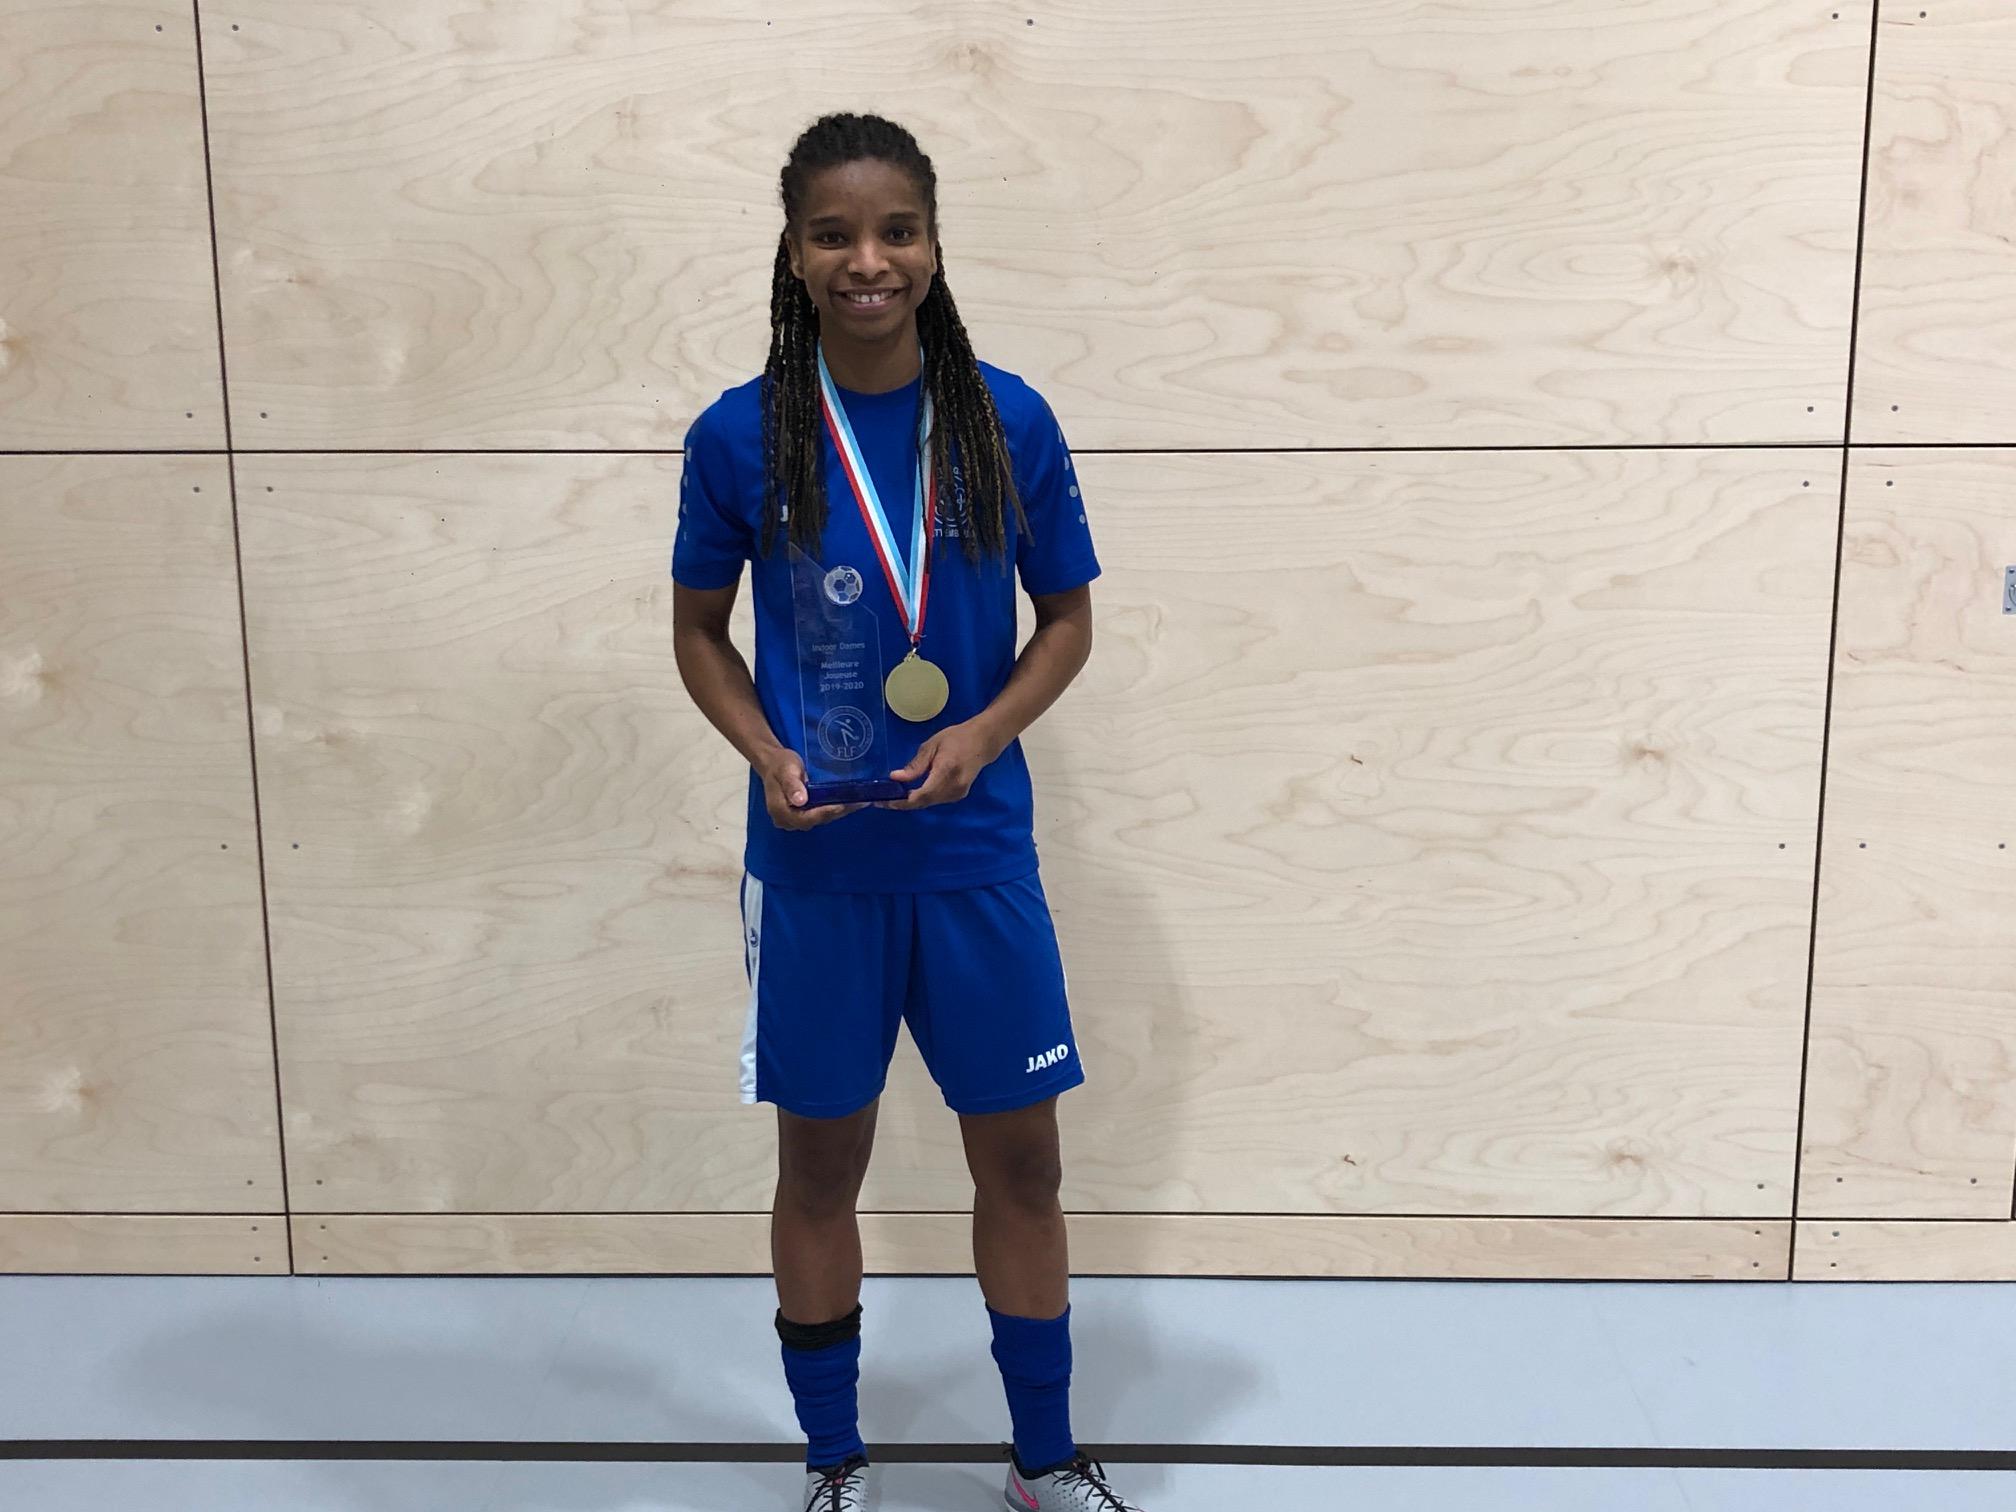 Sadine CORREIA élue meilleure joueuse